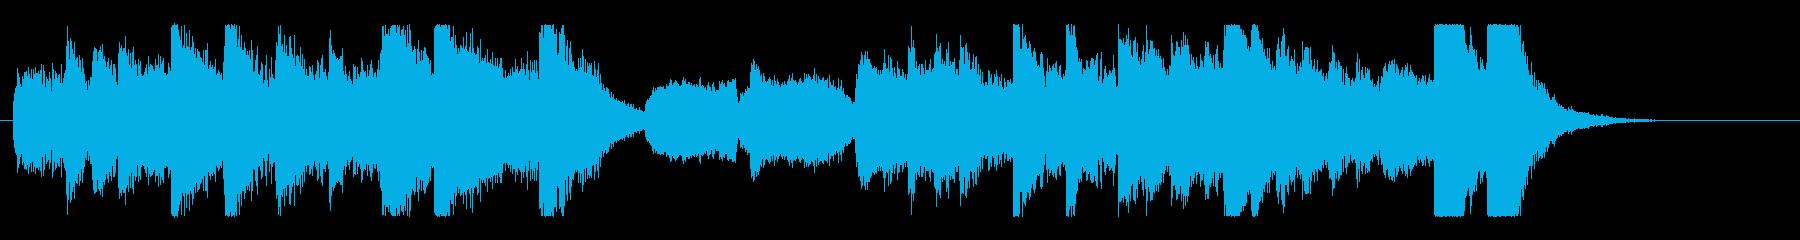 怪しくコミカルなハロウィンオーケストラの再生済みの波形